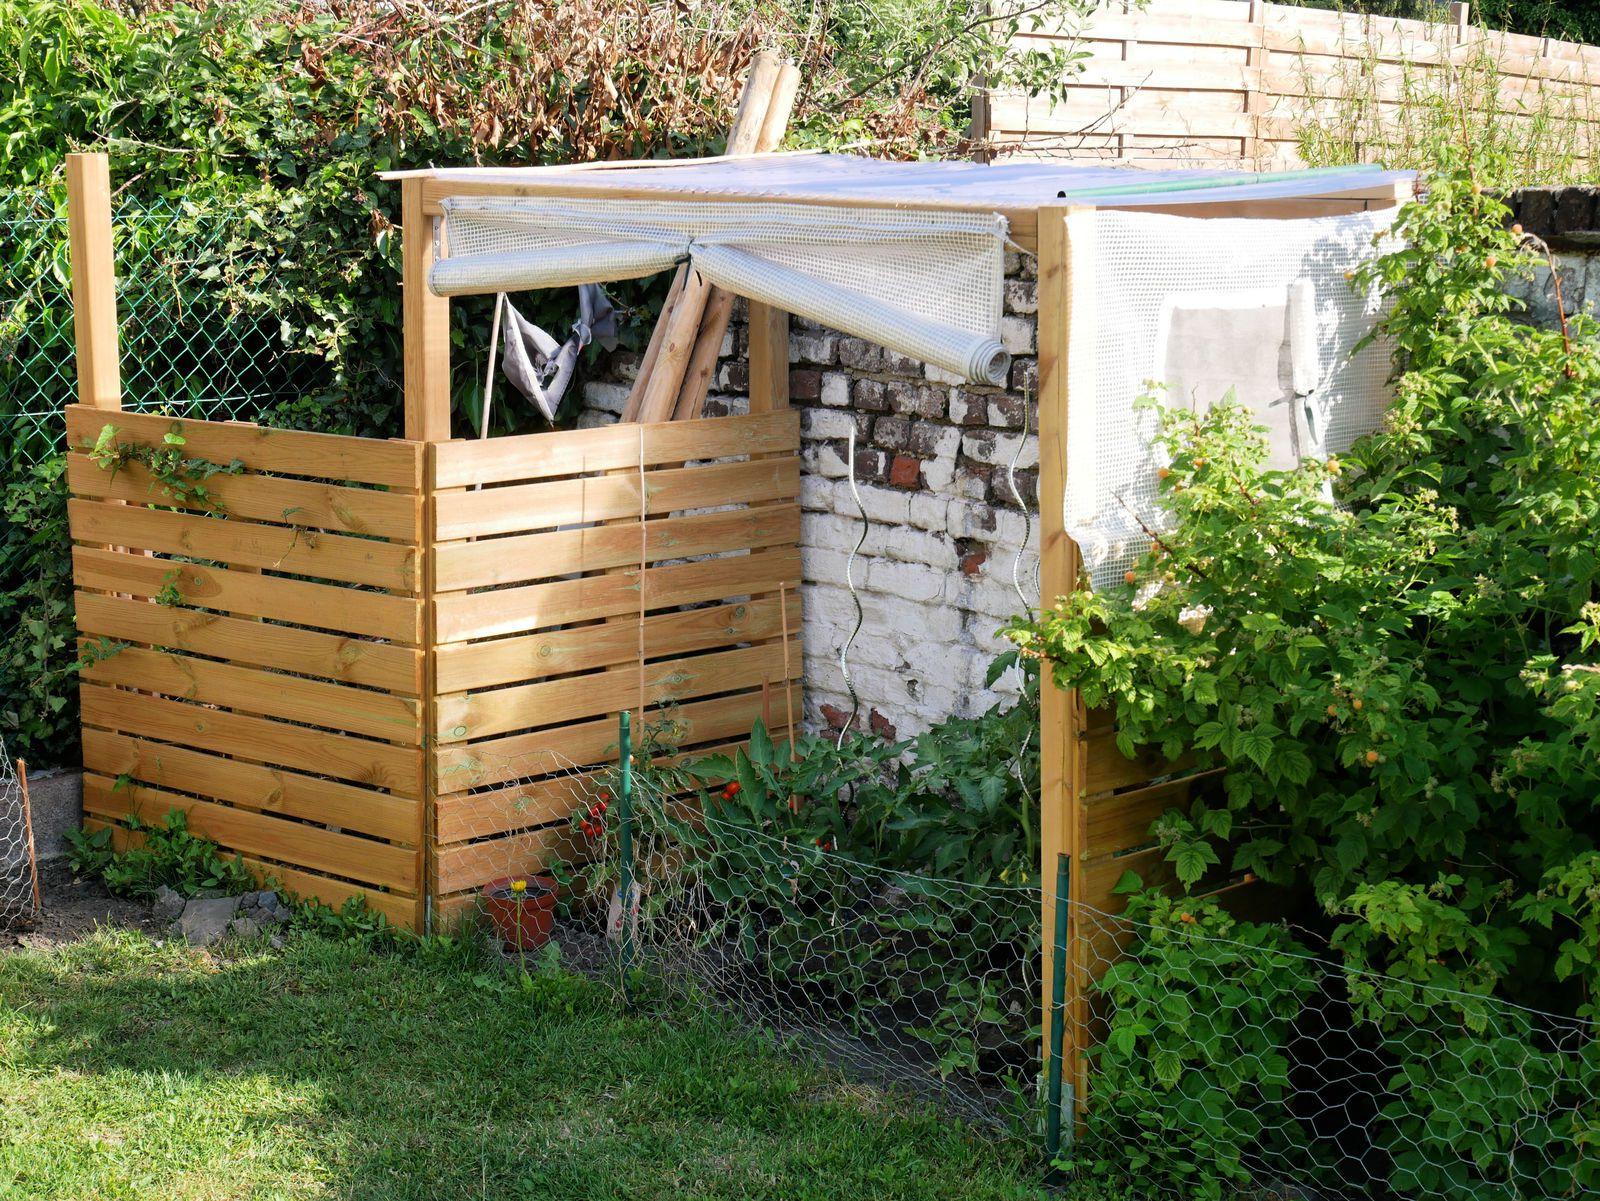 L'enclos pour le compost et l'abri pour les tomates. On va laisser le lierre recouvrir les planches et le tailler de temps en temps.